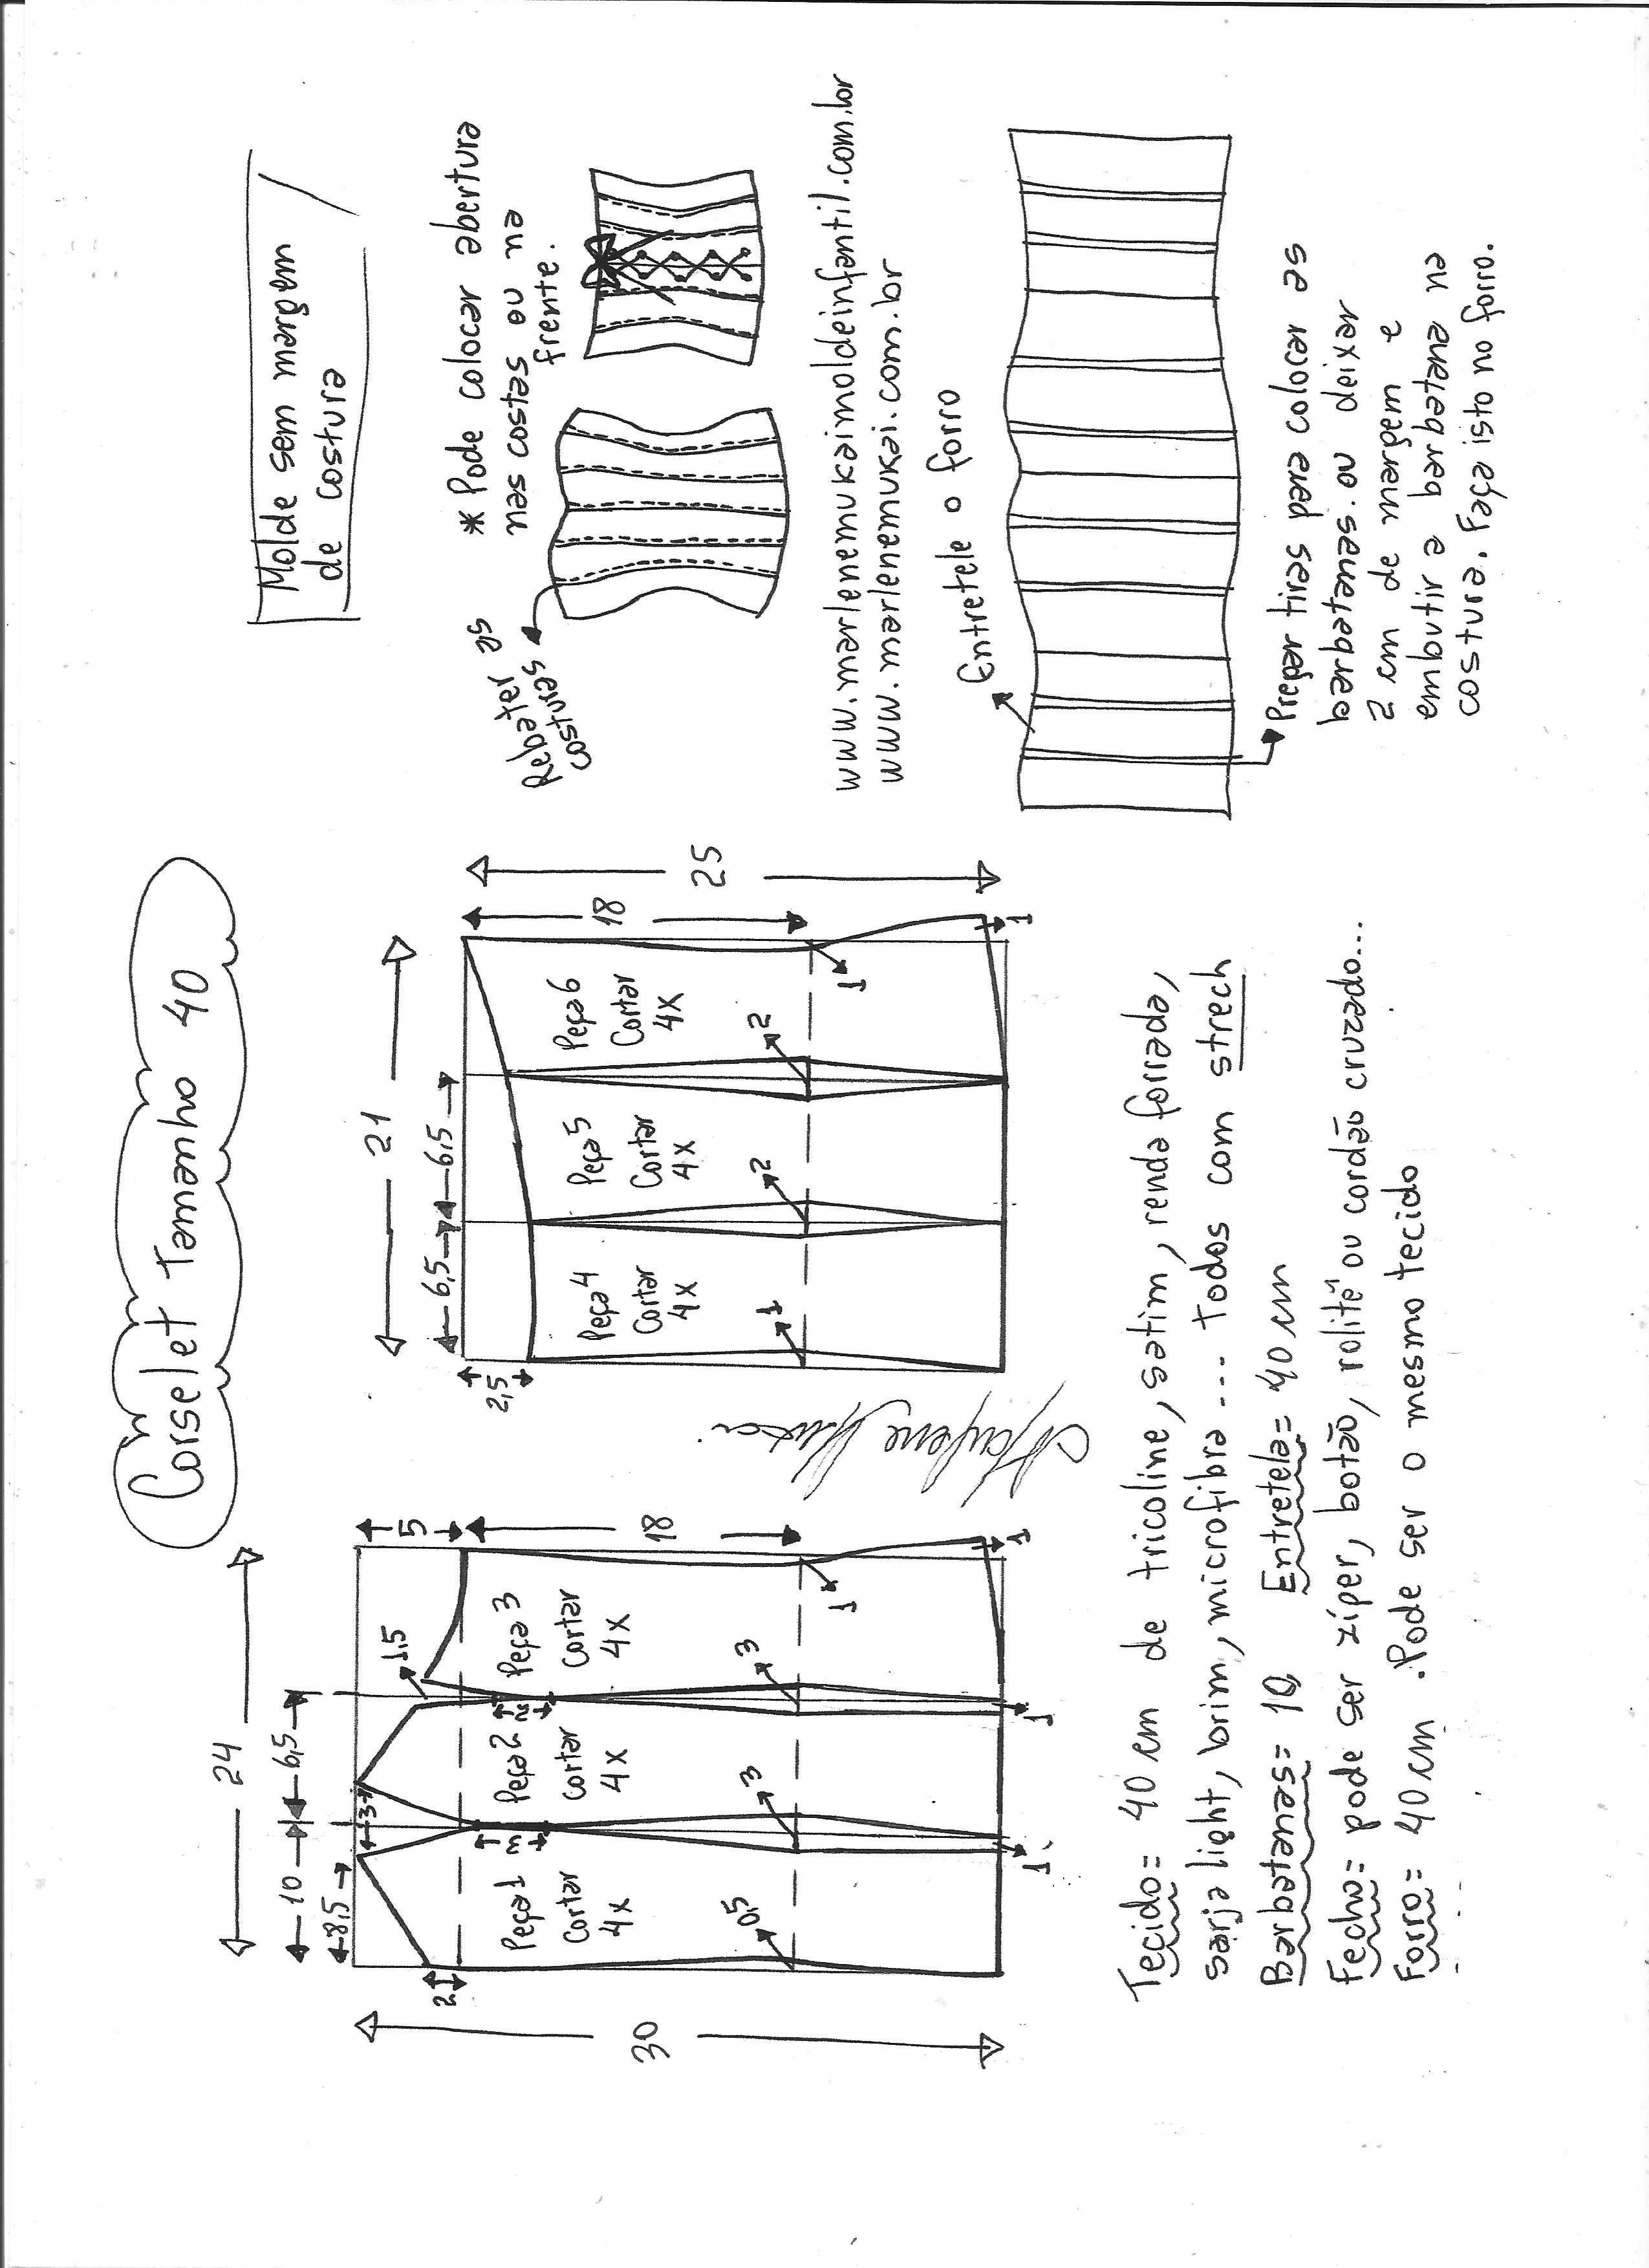 Pin de veronica castrillon en costura | Patrones, Moldes y Costura